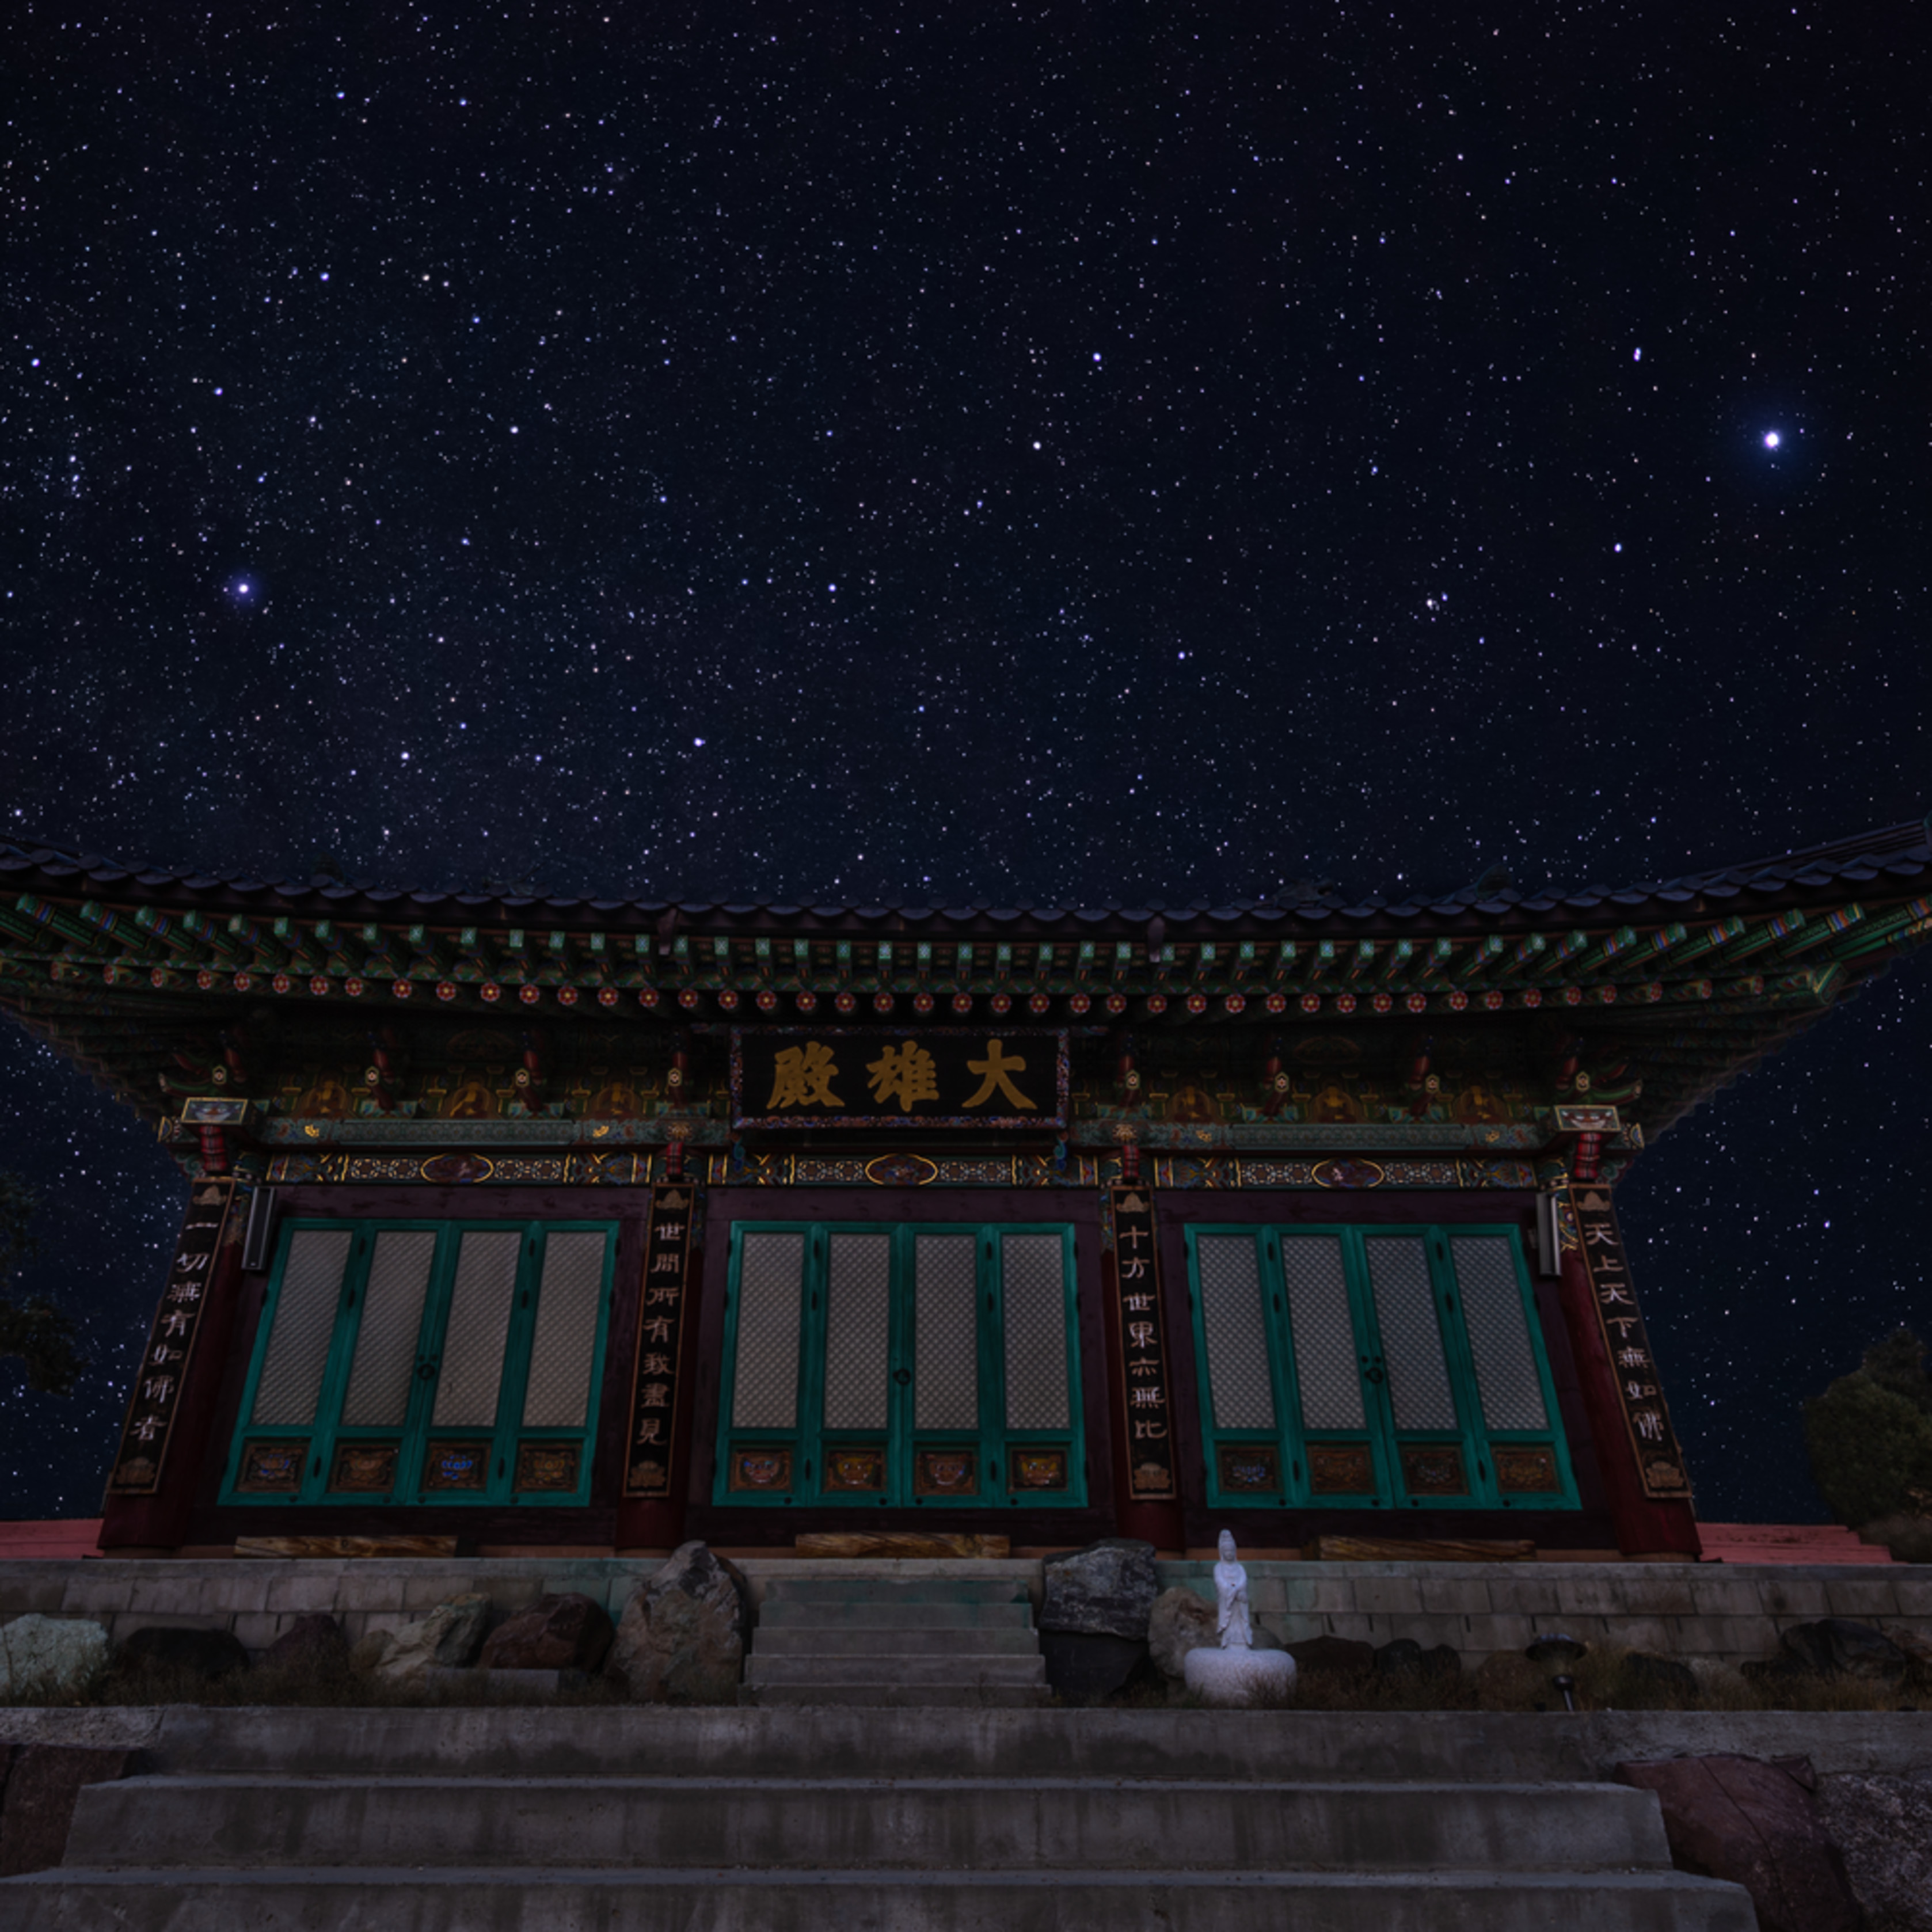 Temple heavens jhj53p